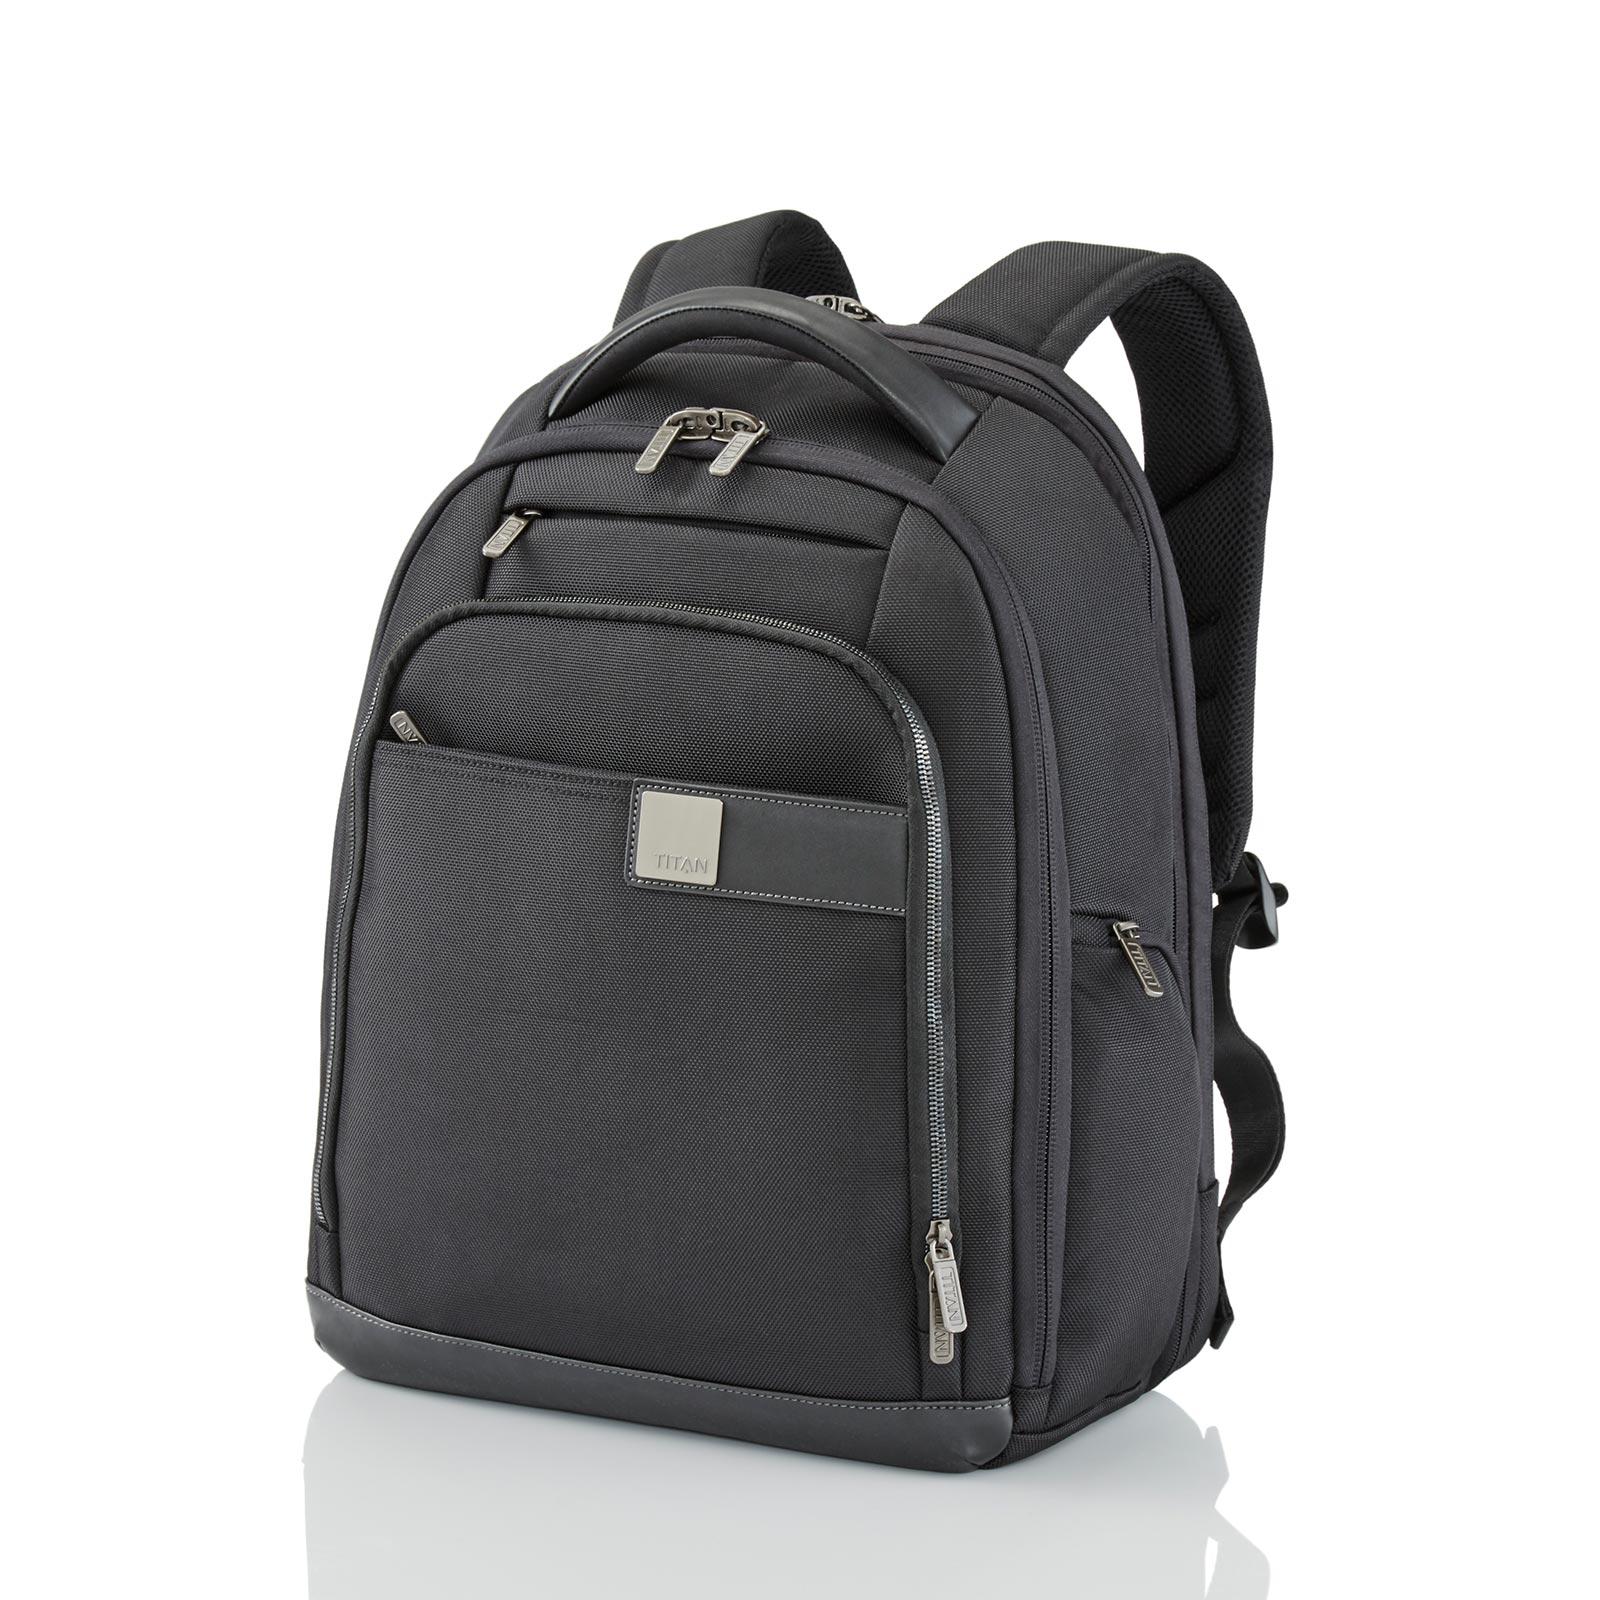 TITAN Power Pack Rucksack 35 cm erweiterbar 32 l - Schwarz 379501-01